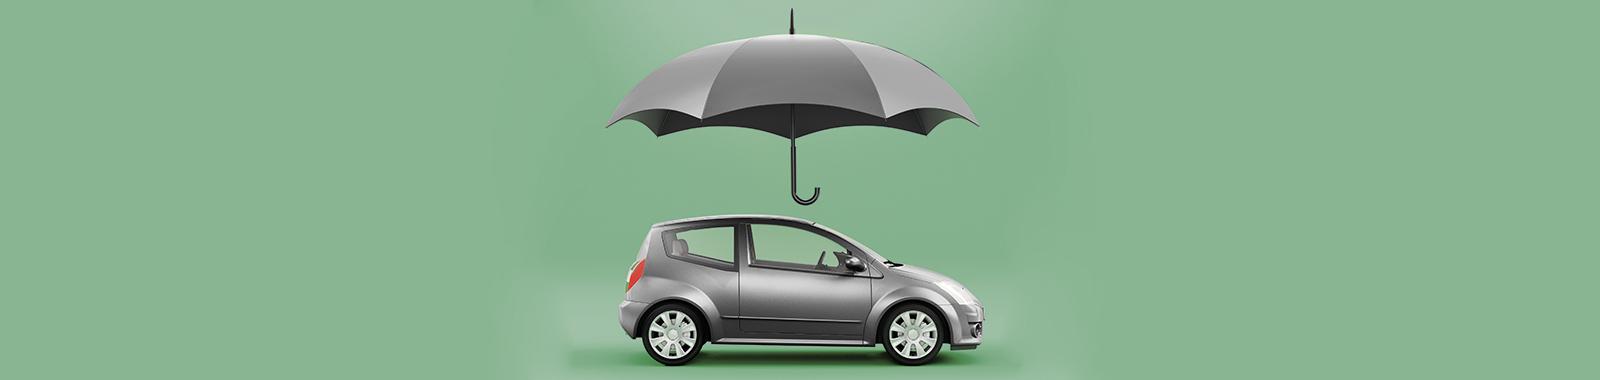 Até 45% de desconto no seu seguro auto e um presente especial